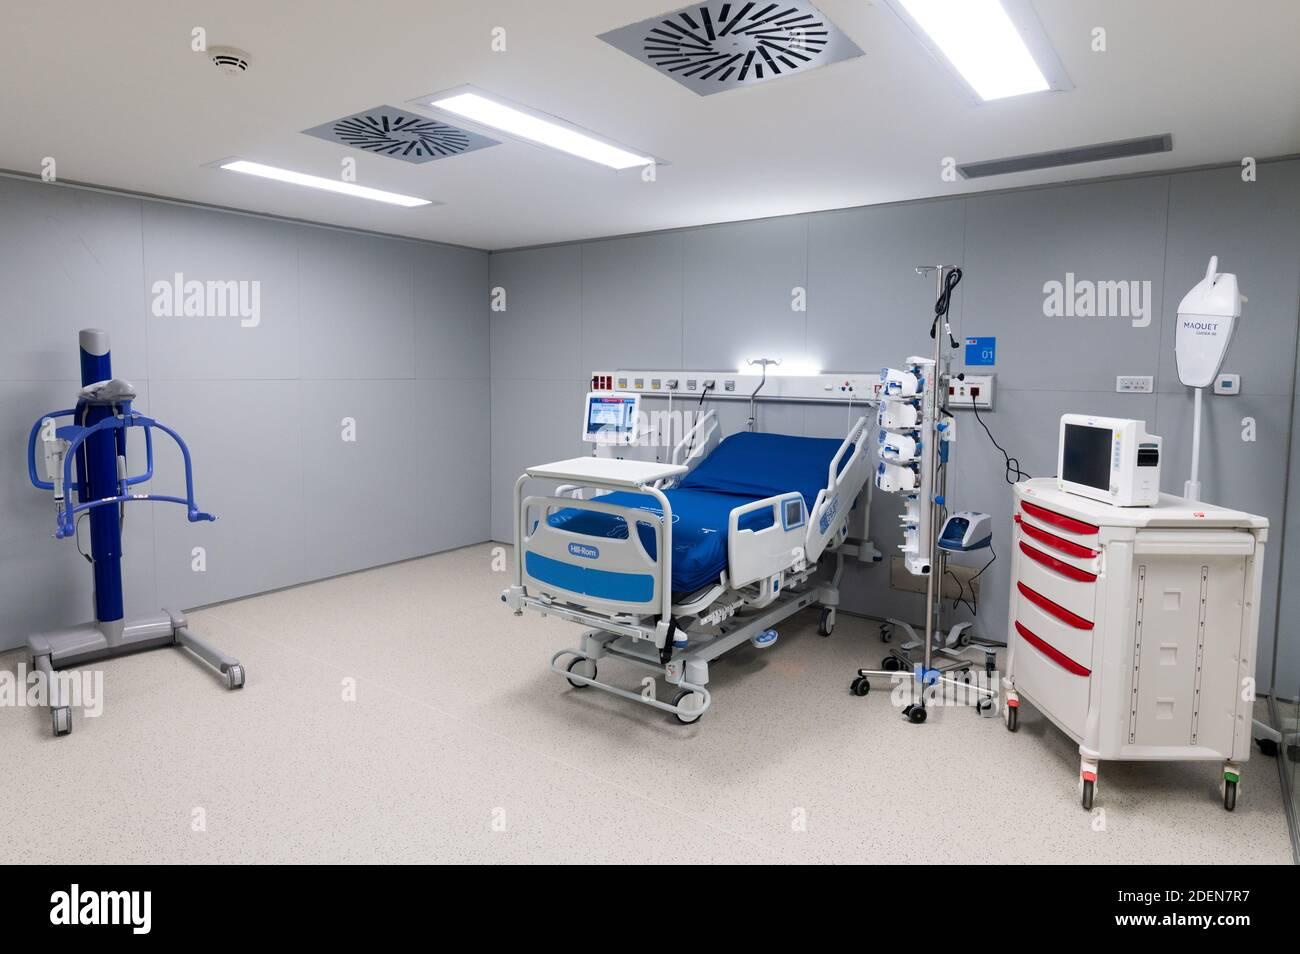 Madrid, Espagne. 1er décembre 2020. Lit d'hôpital dans une unité de soins intensifs pendant le jour d'inauguration à l'hôpital Enfermera Isabel Zendal. Le nouvel hôpital d'urgence a été construit en trois mois avec un coût approximatif de 100 millions d'euros pour être utilisé pour les pandémies ou les urgences sanitaires, avec 1,000 lits qui pourraient prendre en charge les patients coronavirus (COVID-19). Credit: Marcos del Mazo/Alay Live News Banque D'Images